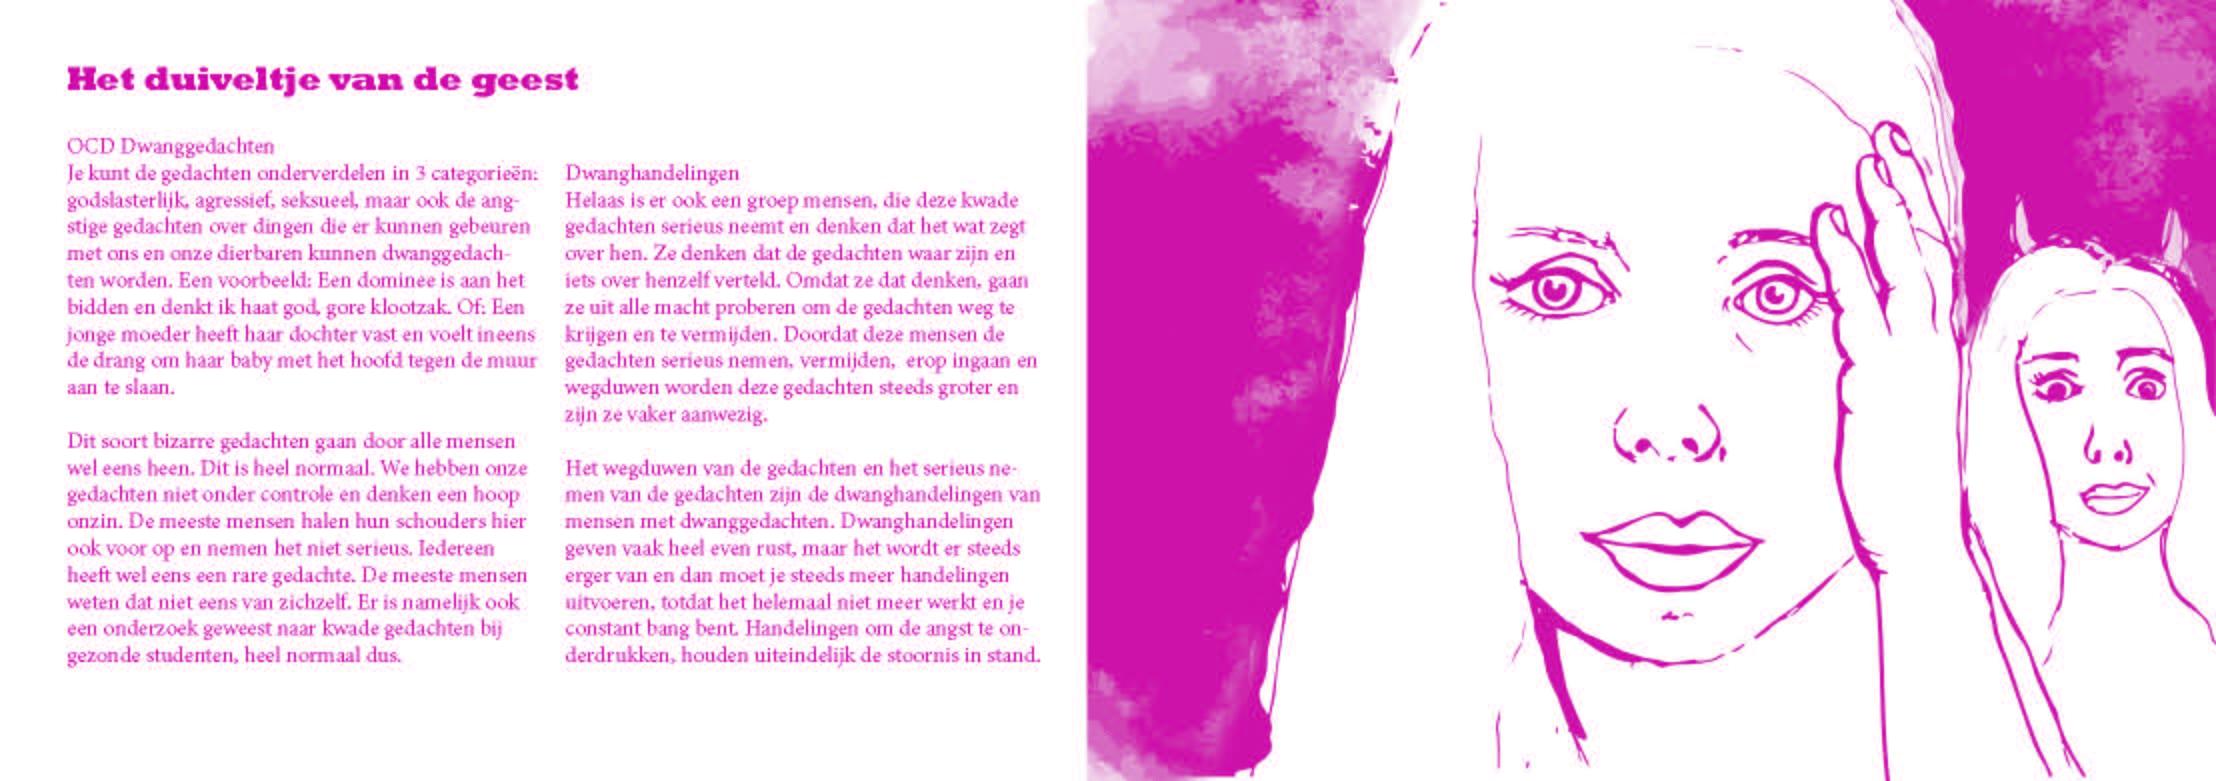 3 Roze Olifant - Sanne Clement